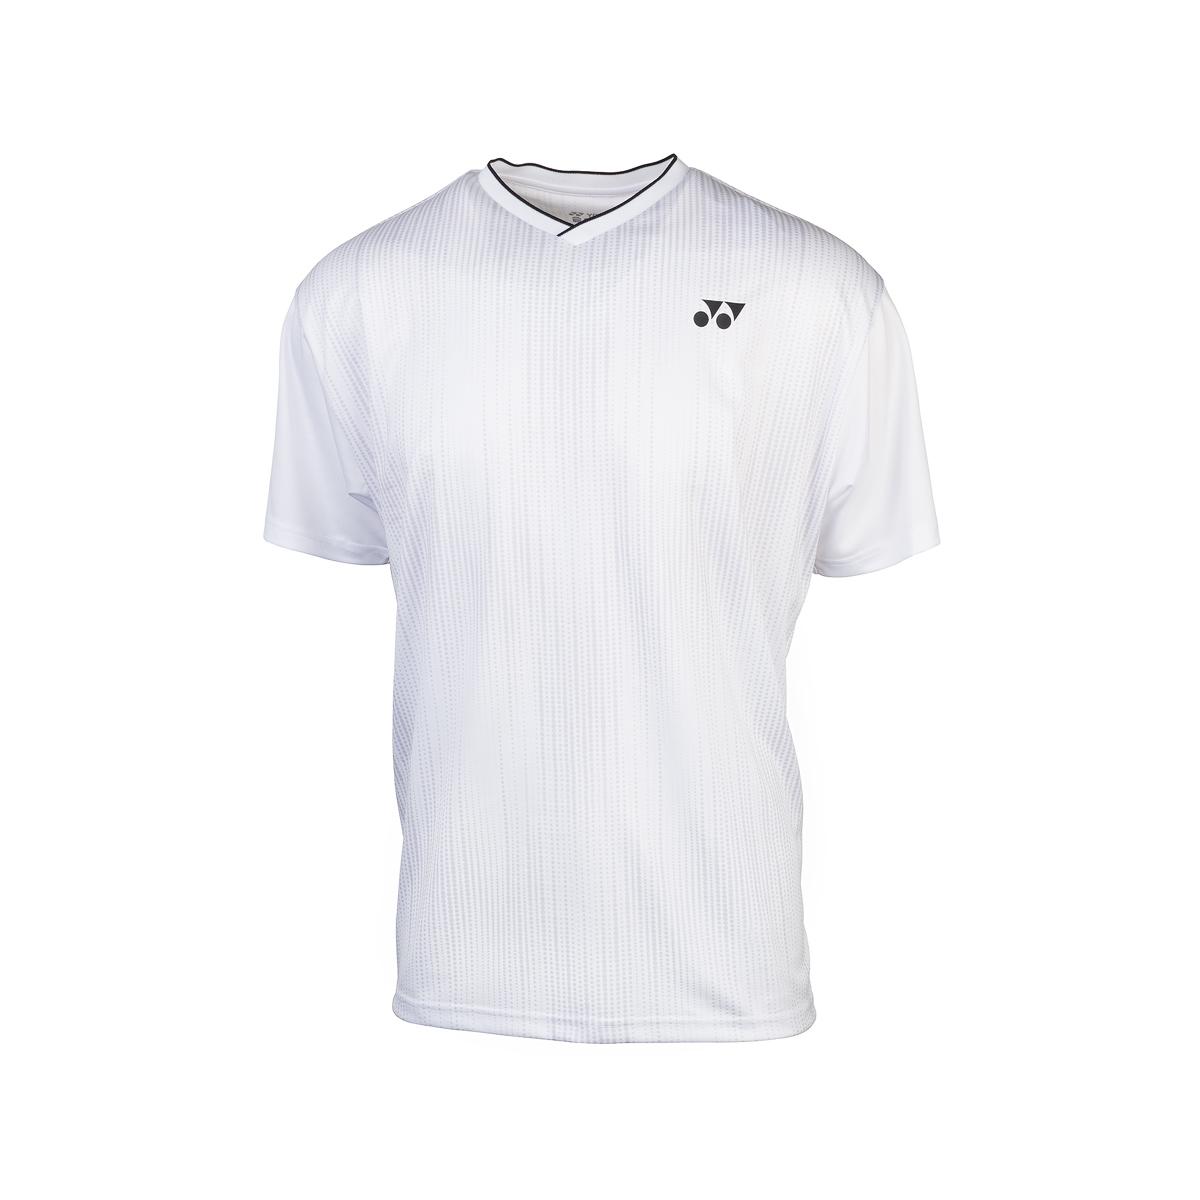 Men's Crew Neck Shirt Modell 2021Detailbild - 2